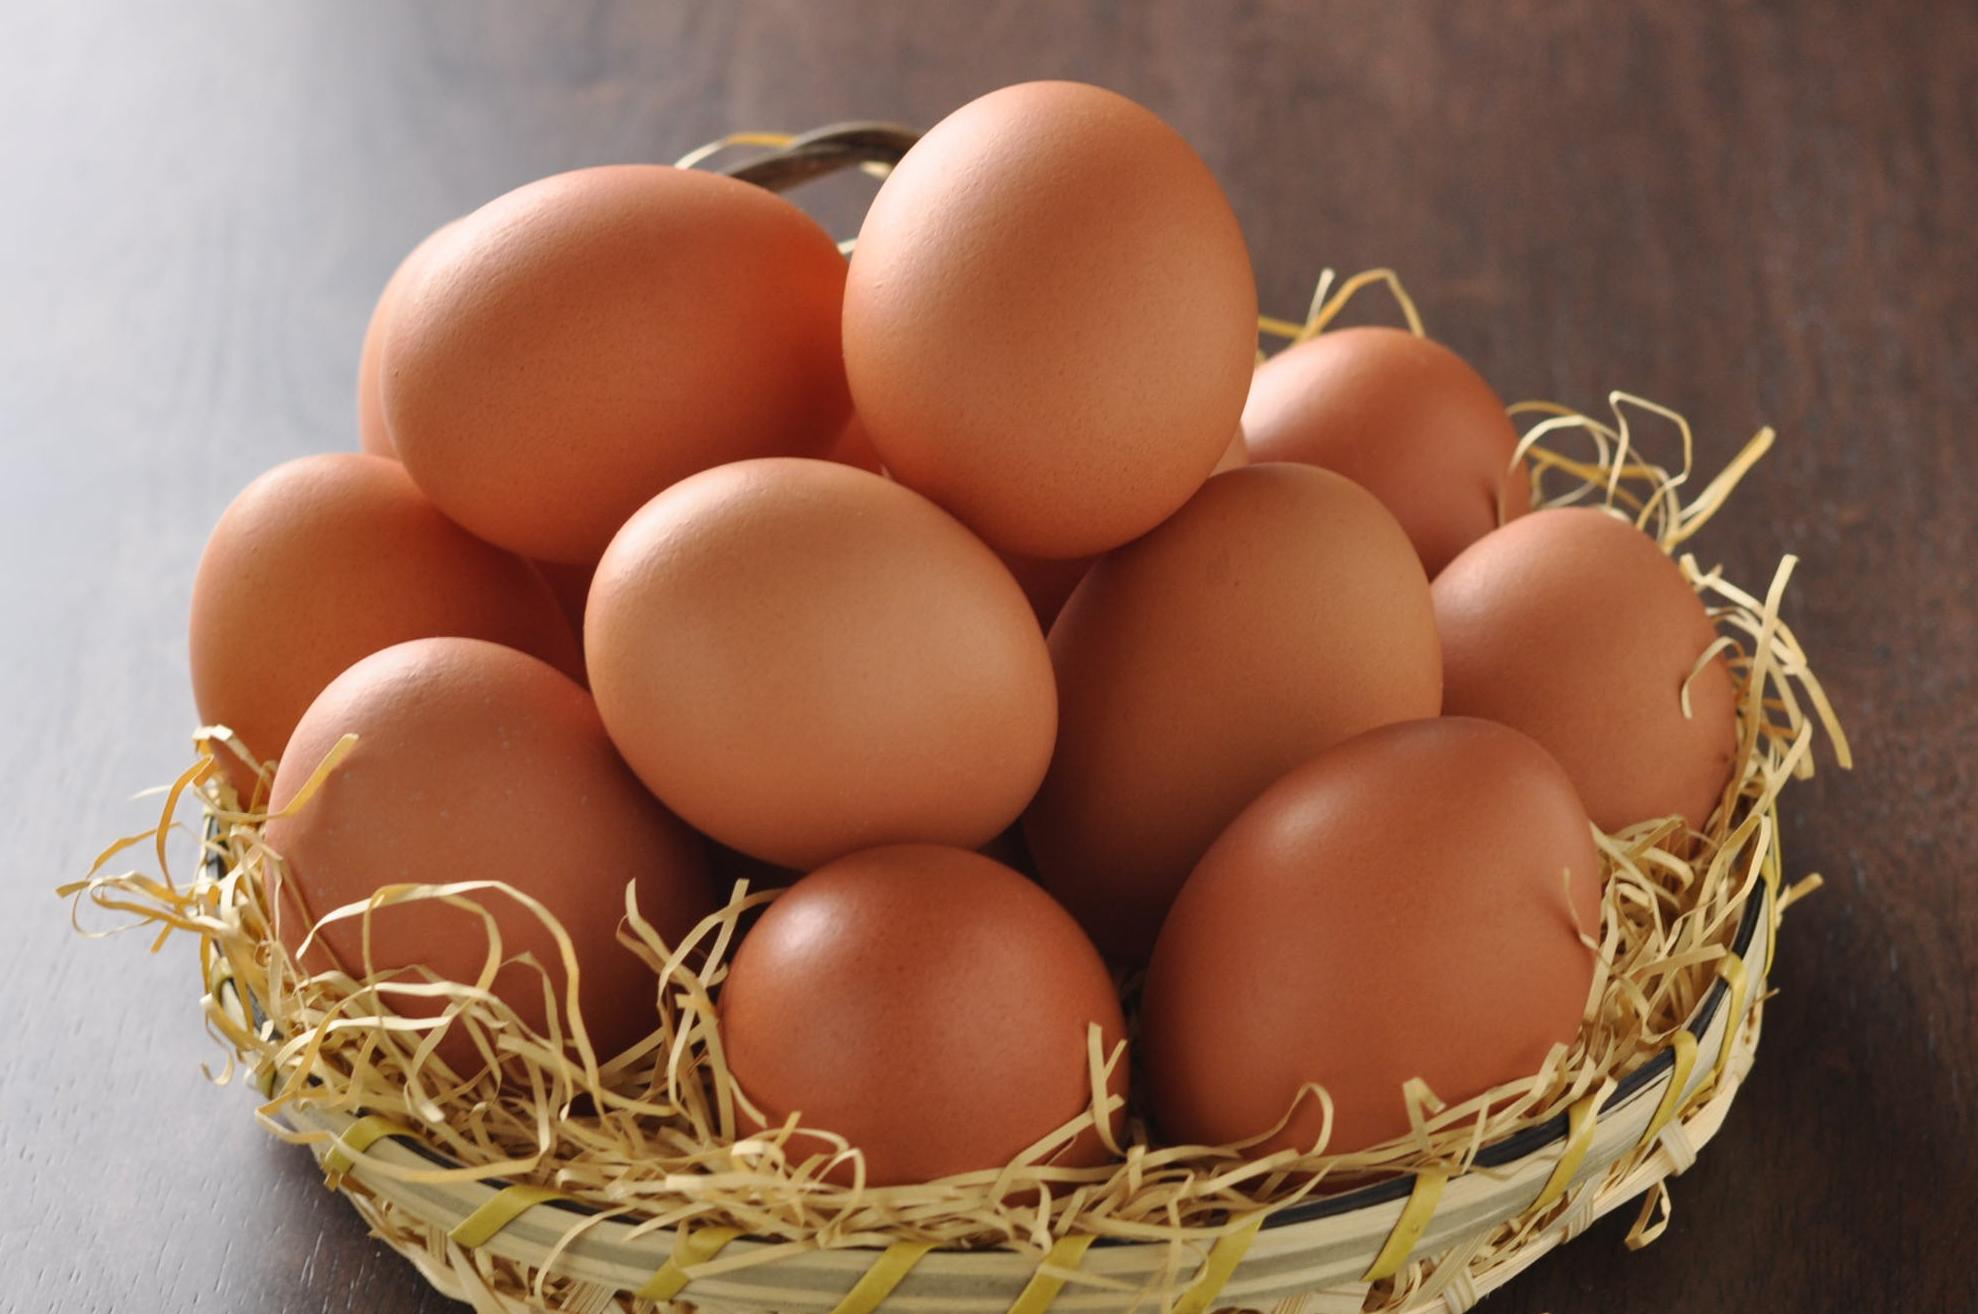 のびのび育った平飼い卵